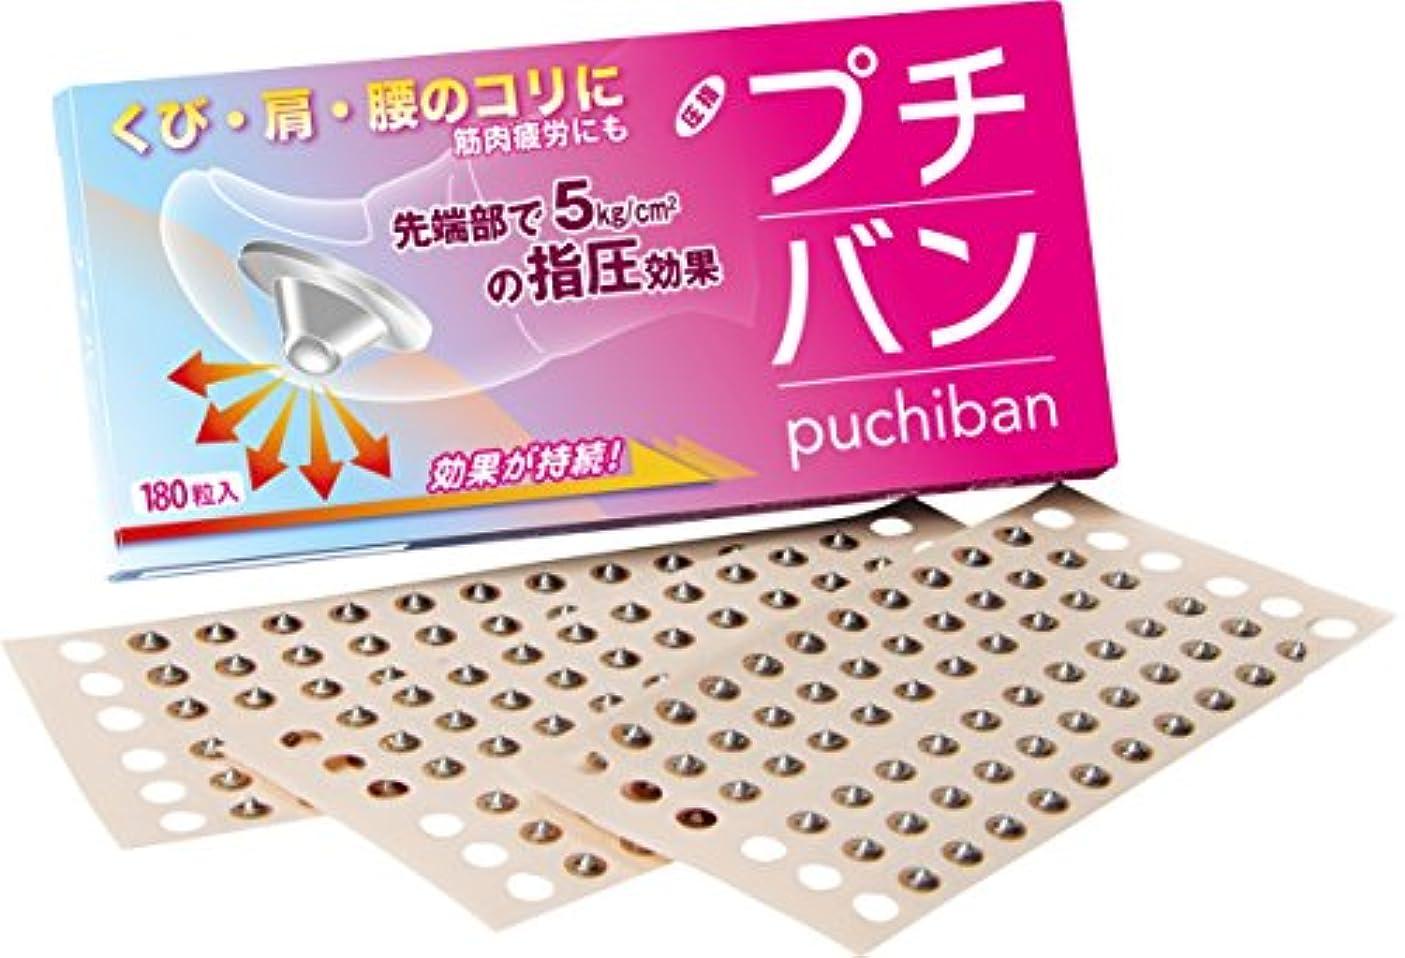 近傍軍団豊かな一般医療機器 家庭用貼付型接触粒 プチバン 180粒入 ピンクパッケージ